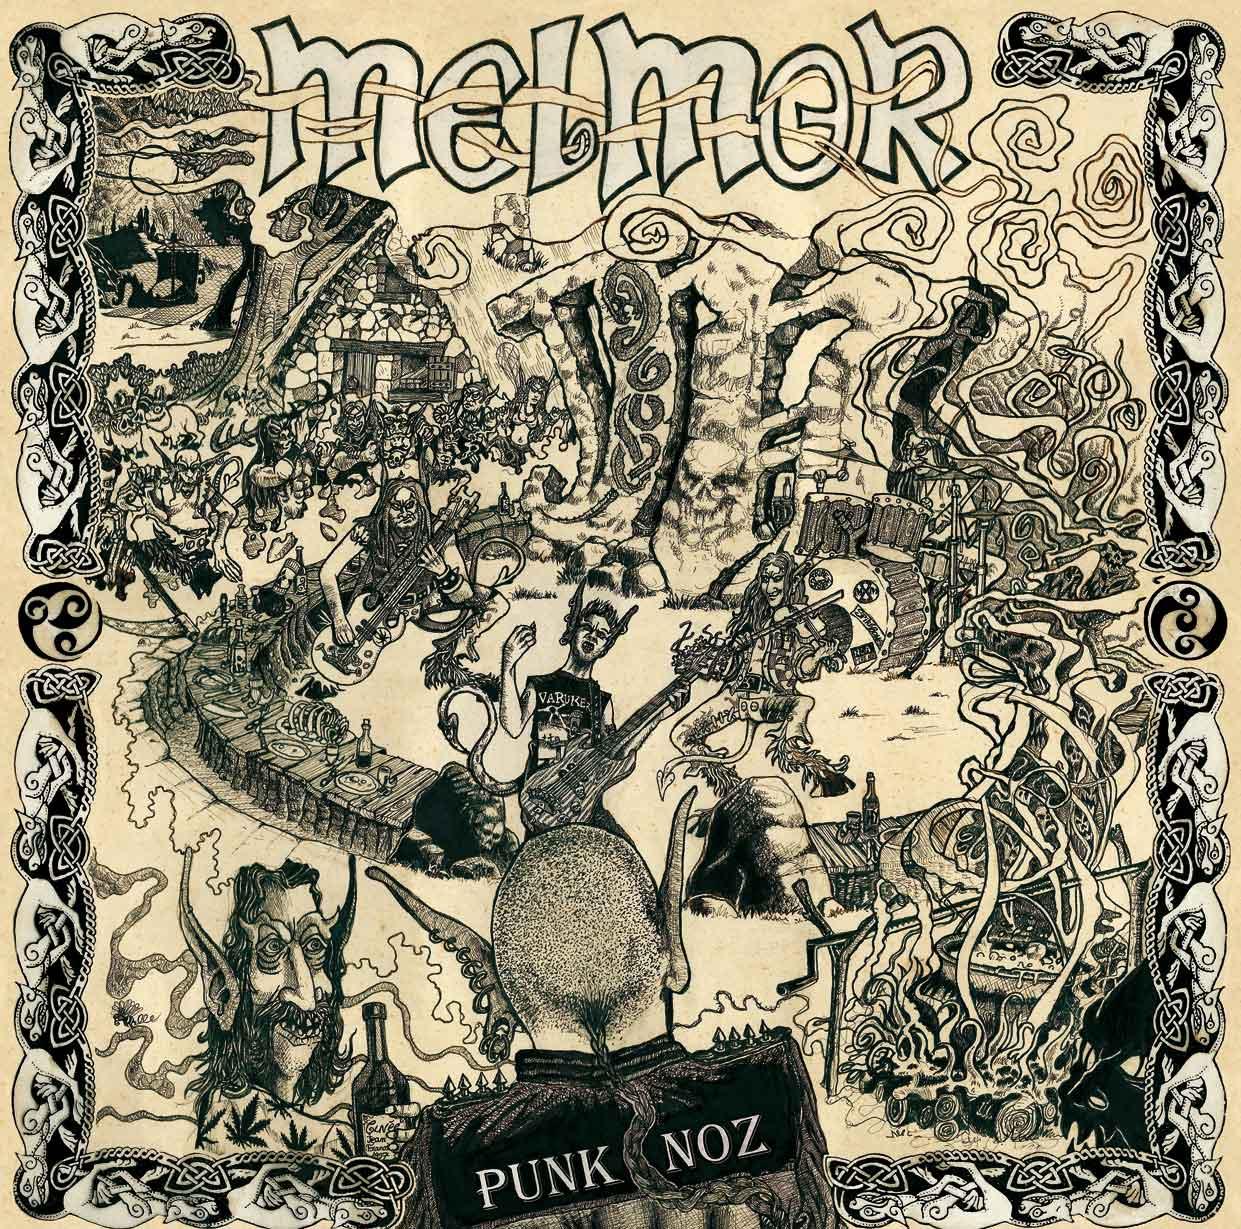 Melmor - punk noz